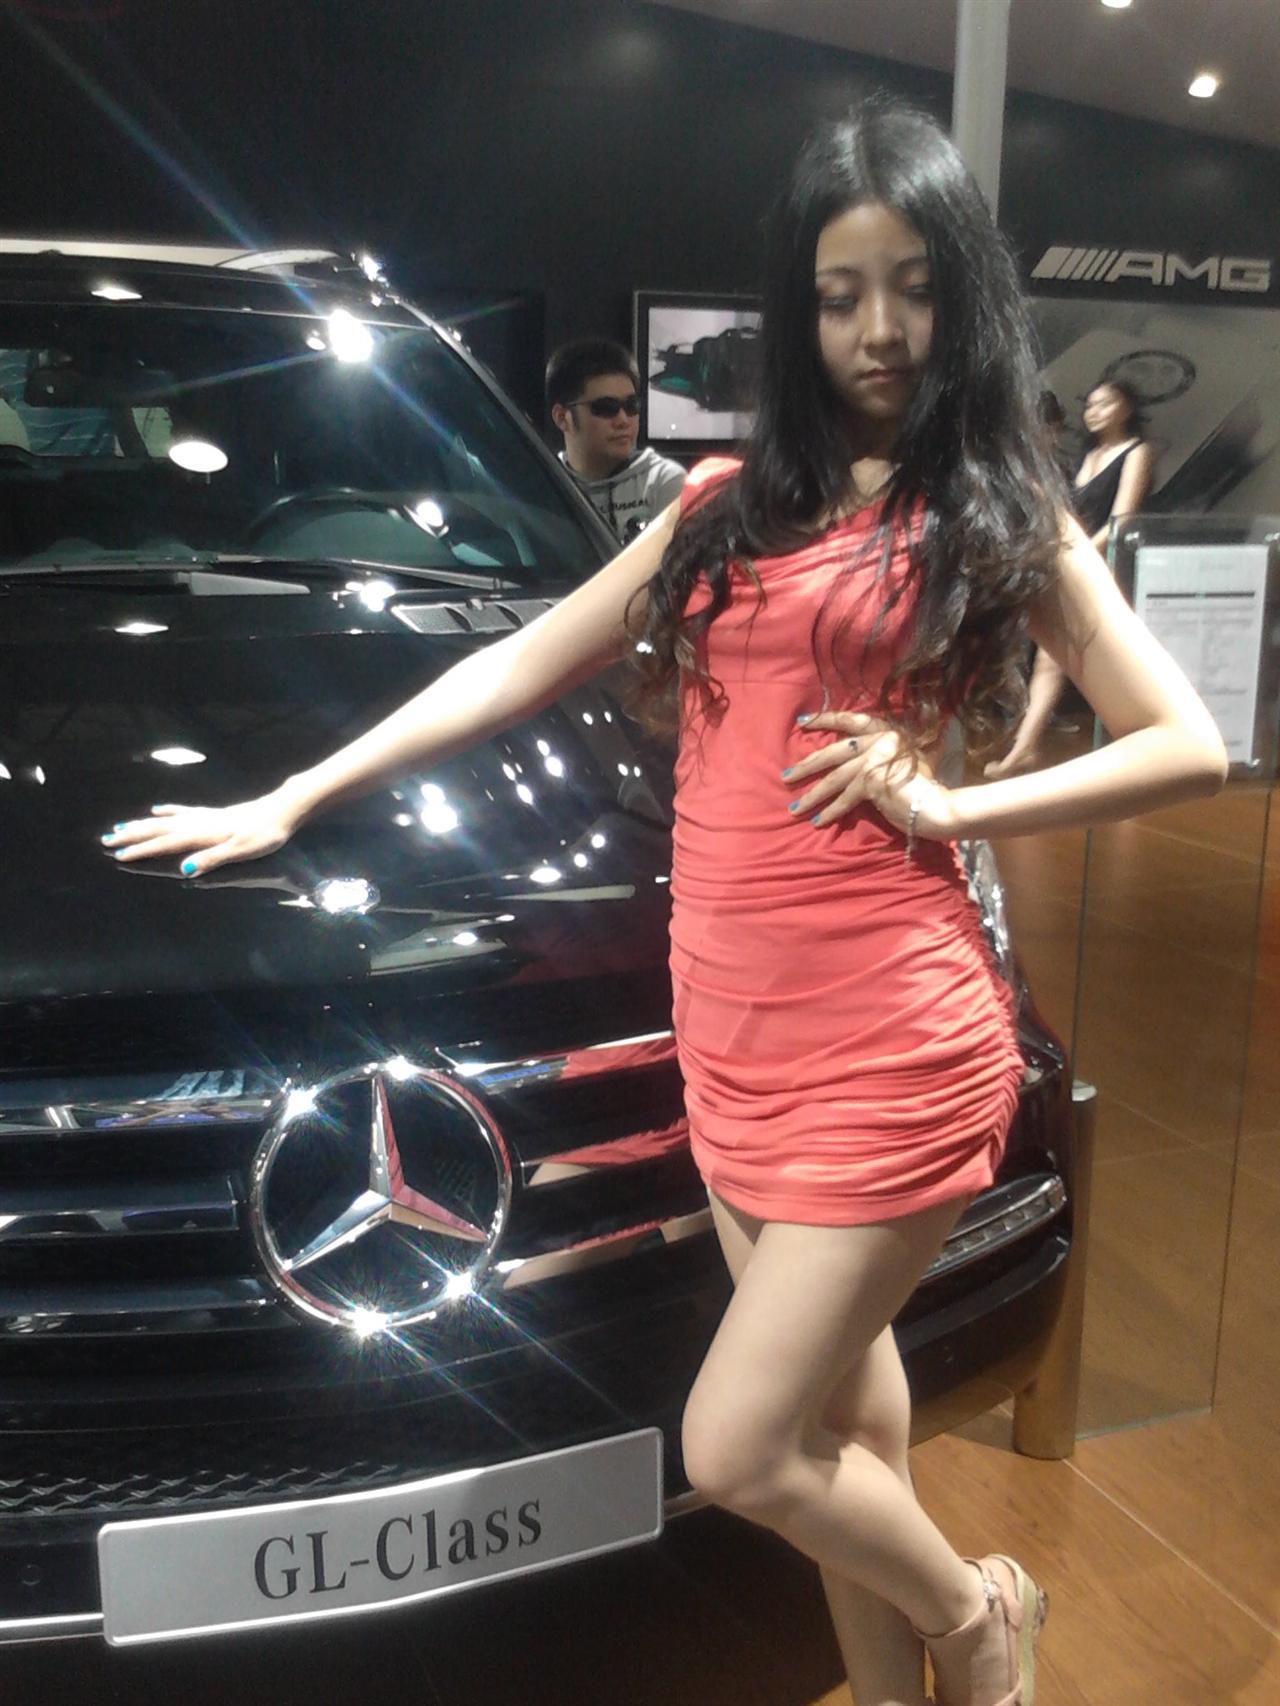 [讨论]你觉得哪个车模最美呢?